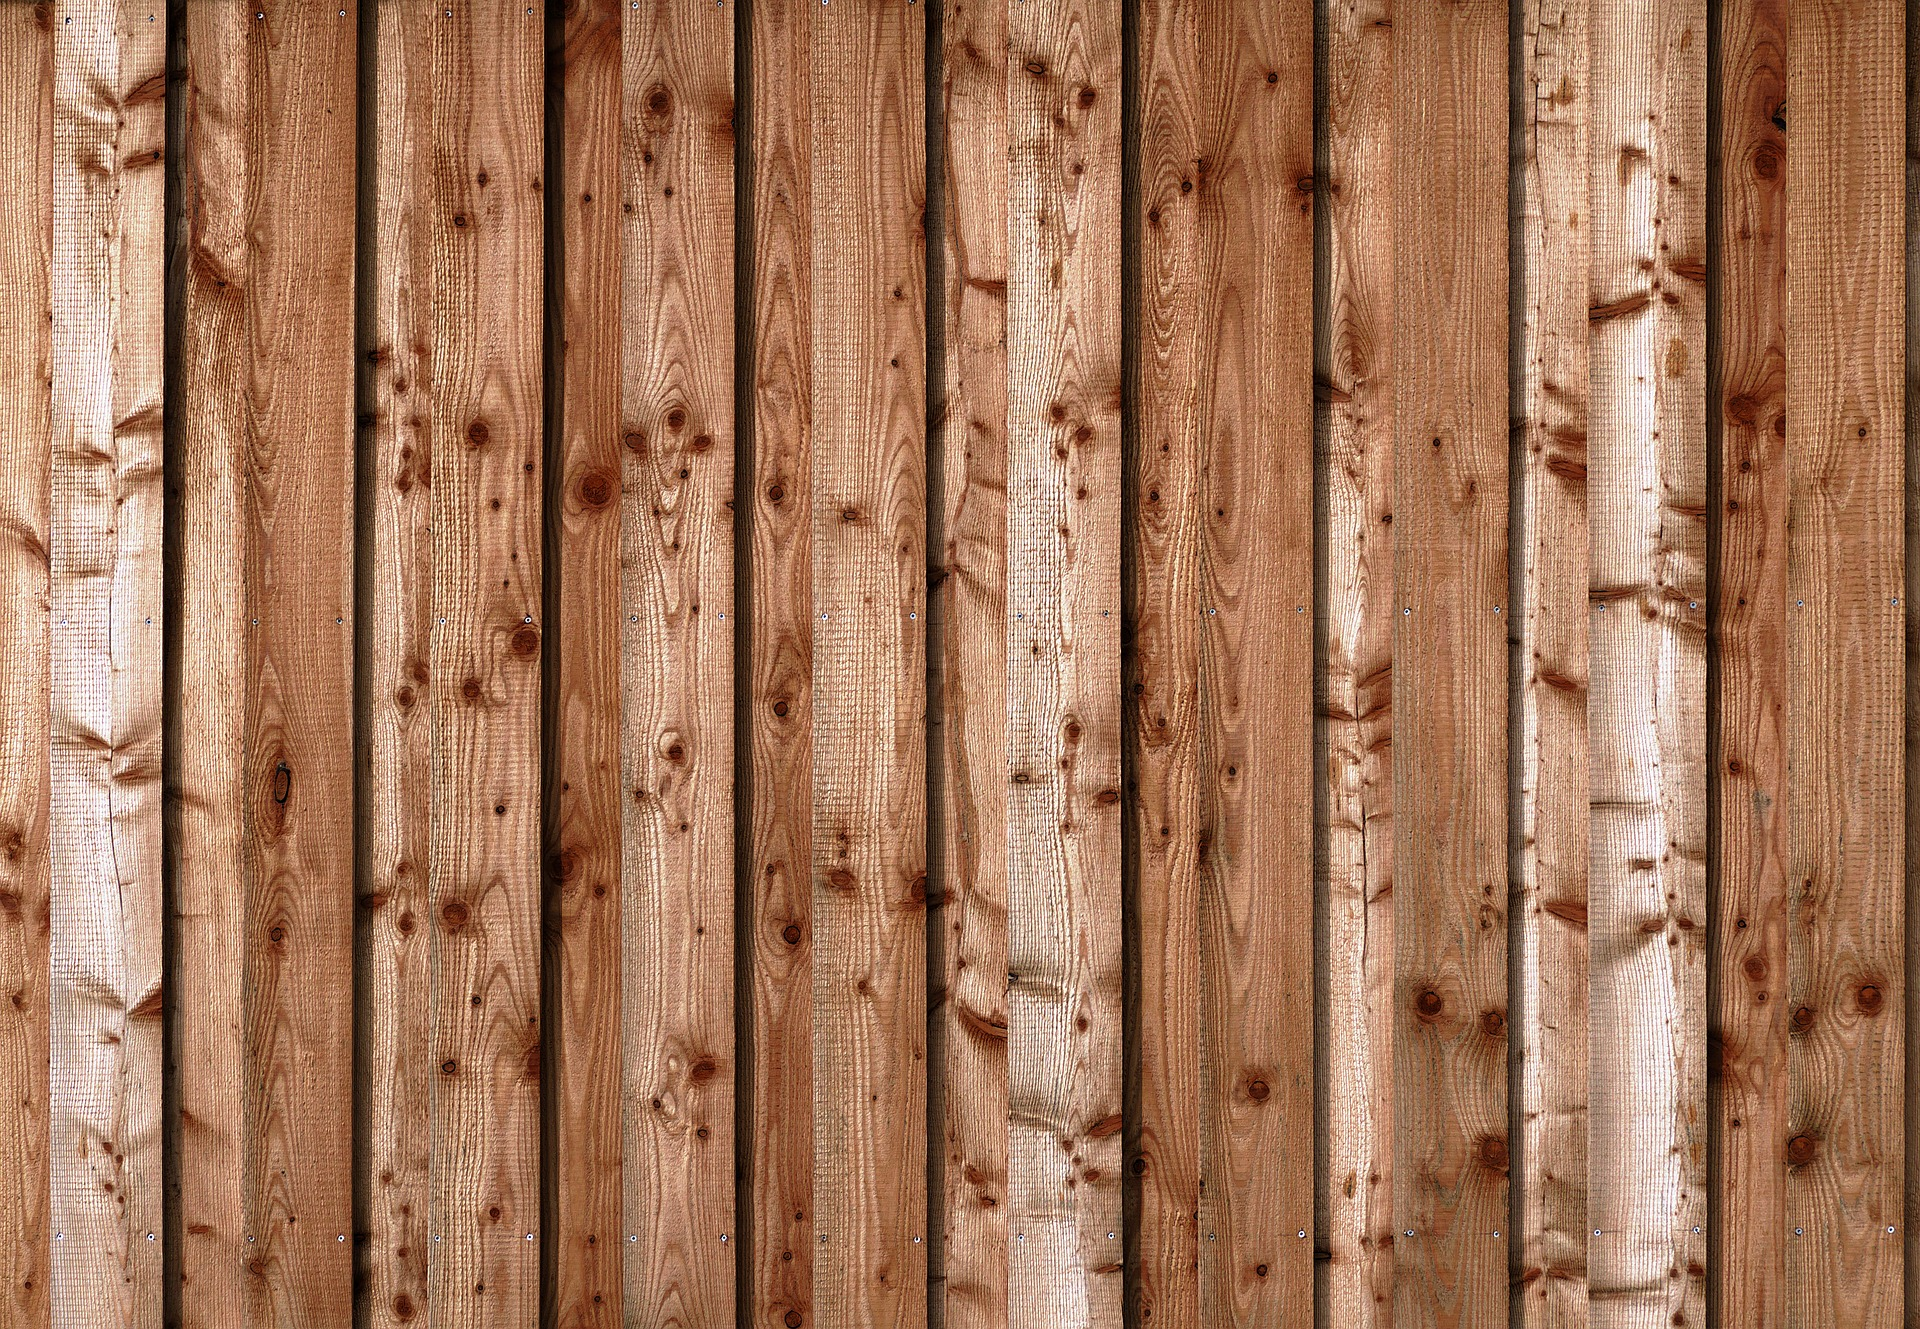 Zaunlatten, Banklatten und Bankprofile aus Holz